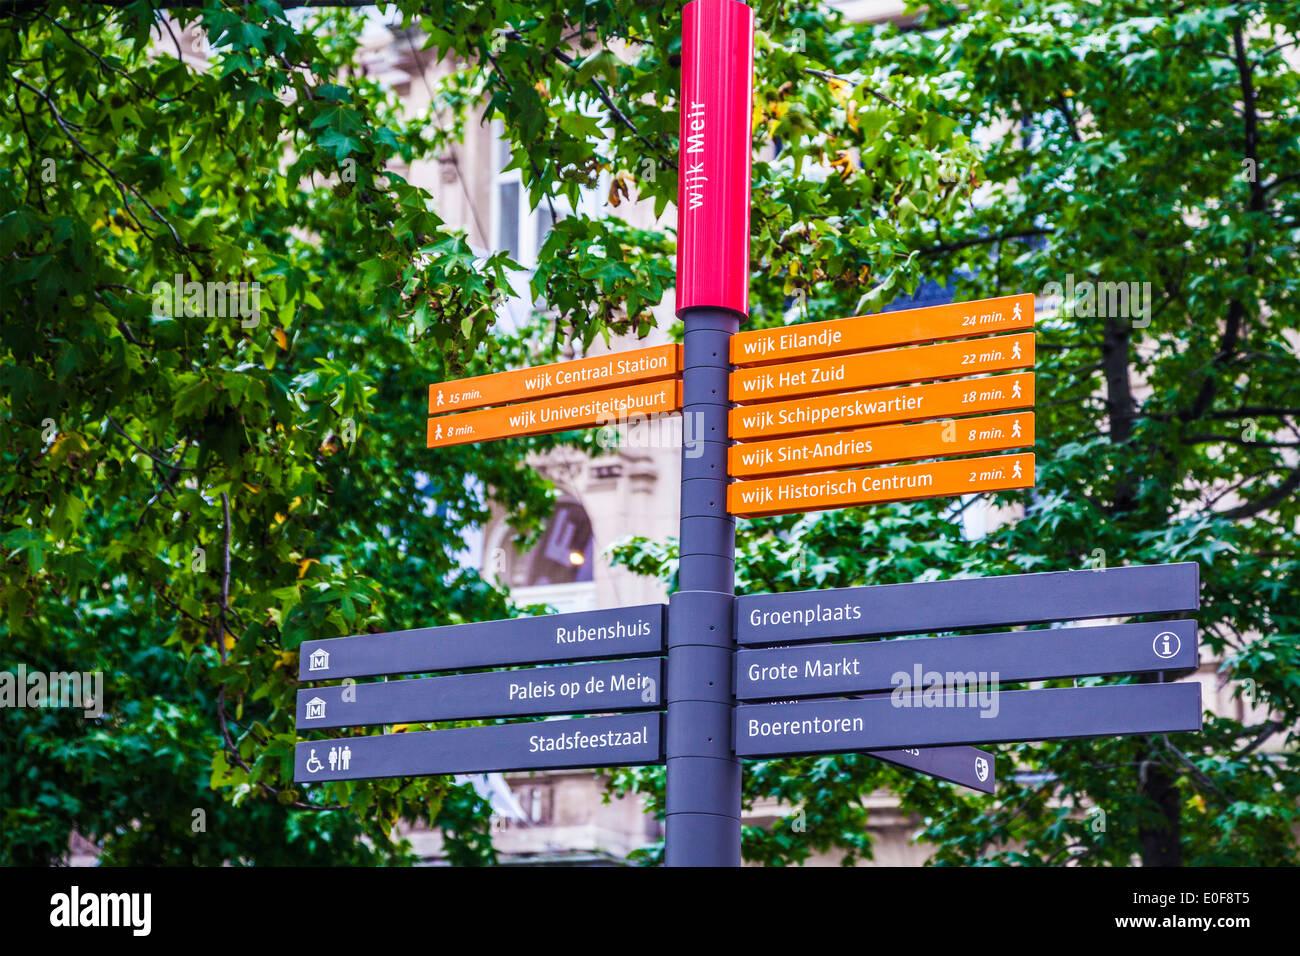 Wegweiser zeigen Richtungen und gehen mal zu verschiedenen Sehenswürdigkeiten in Antwerpen, Belgien. Stockbild